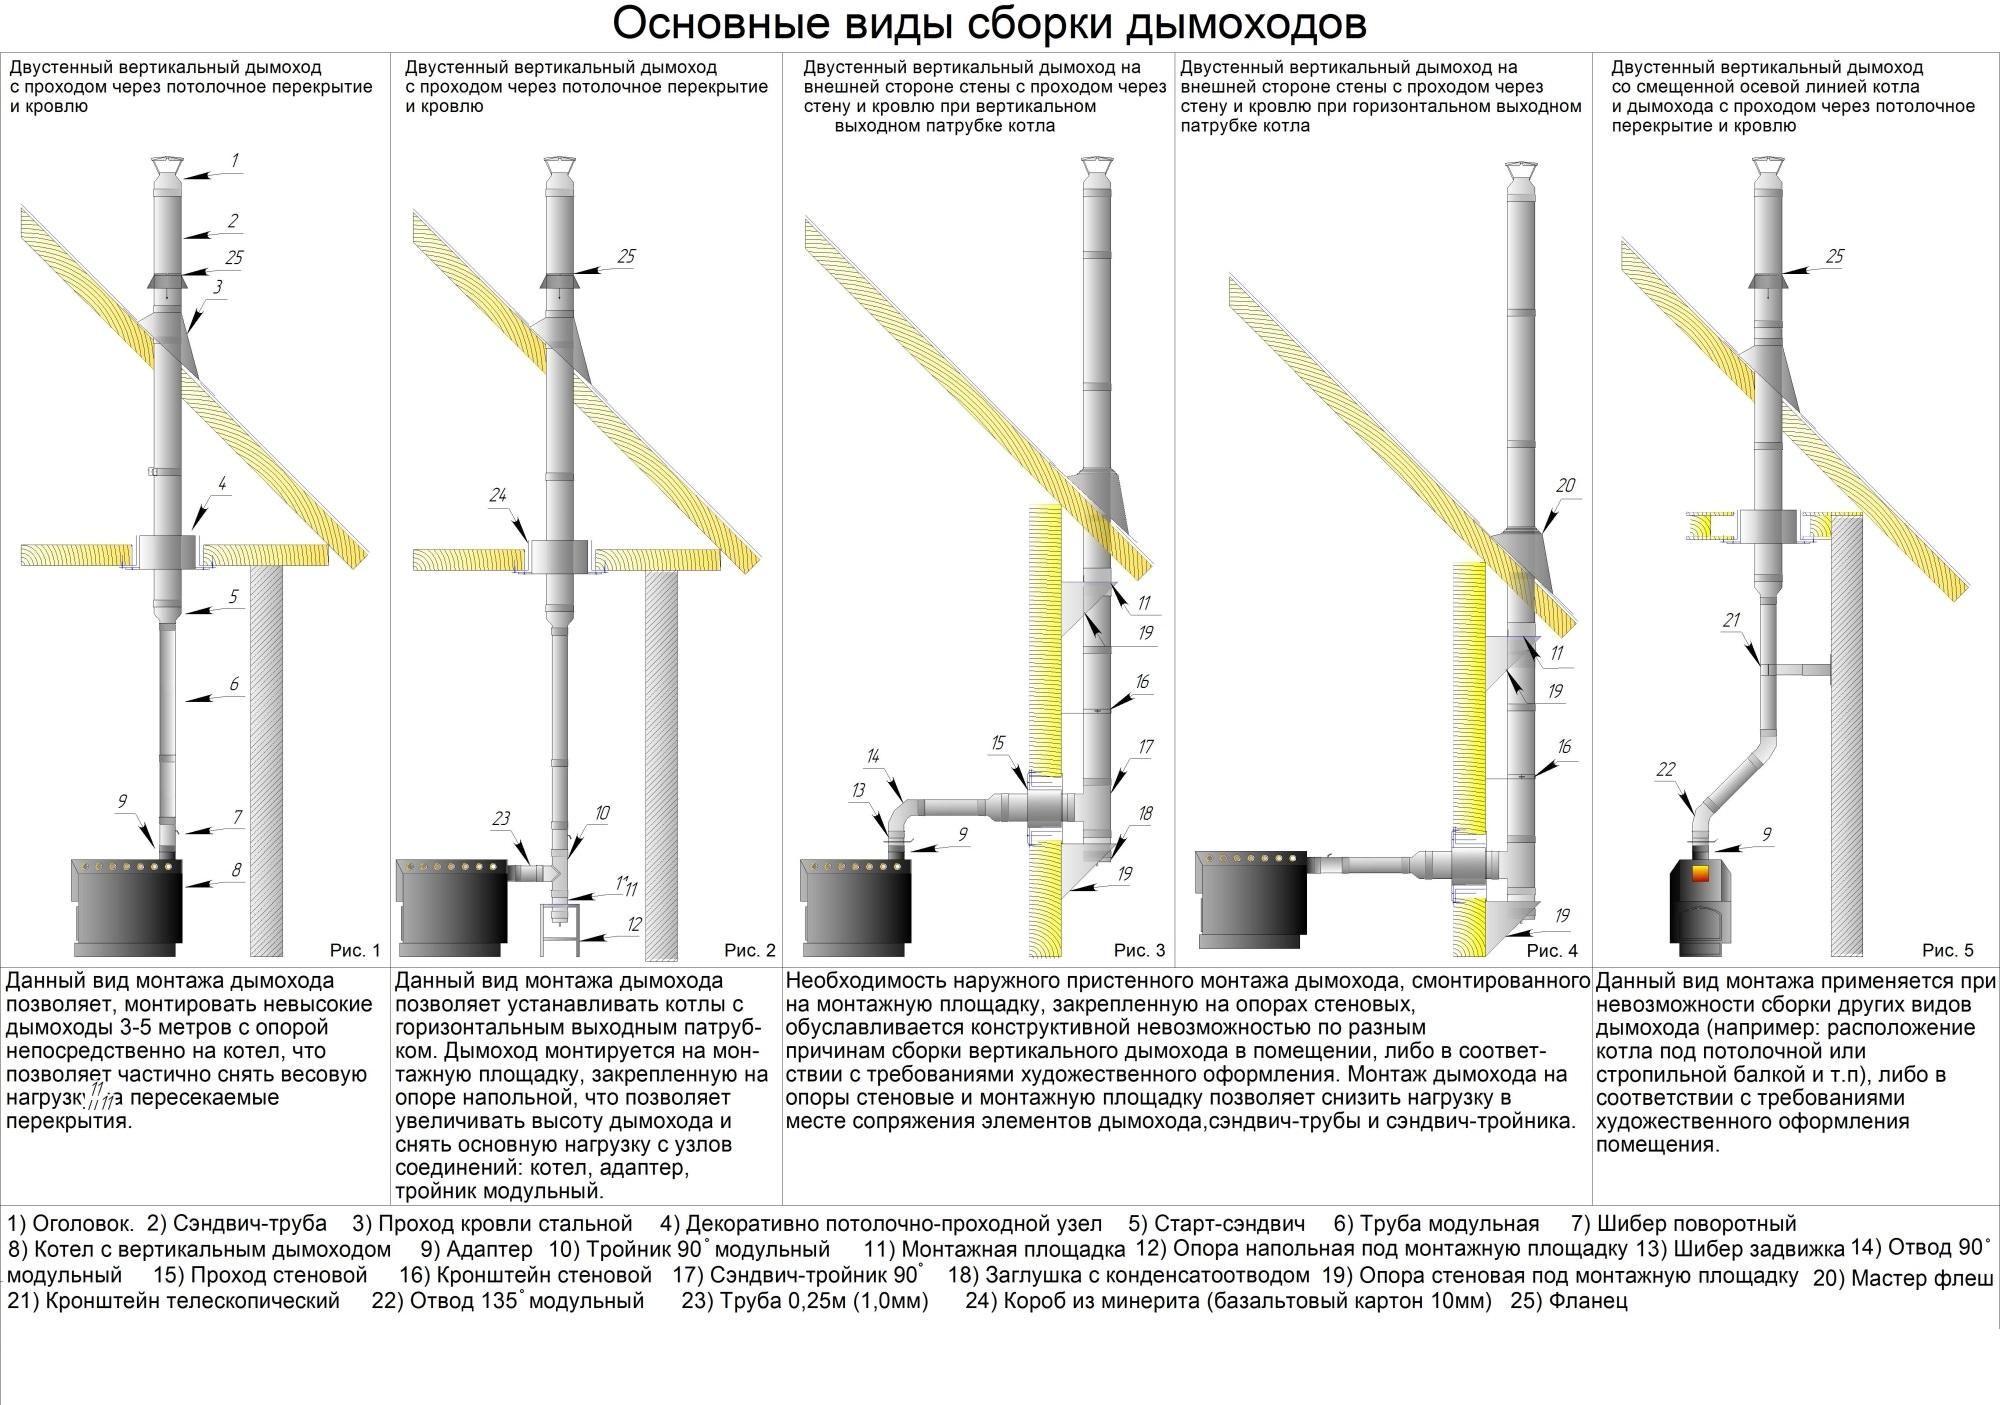 Настенный двухконтурный газовый котёл: выбор, устройство и основные характеристики